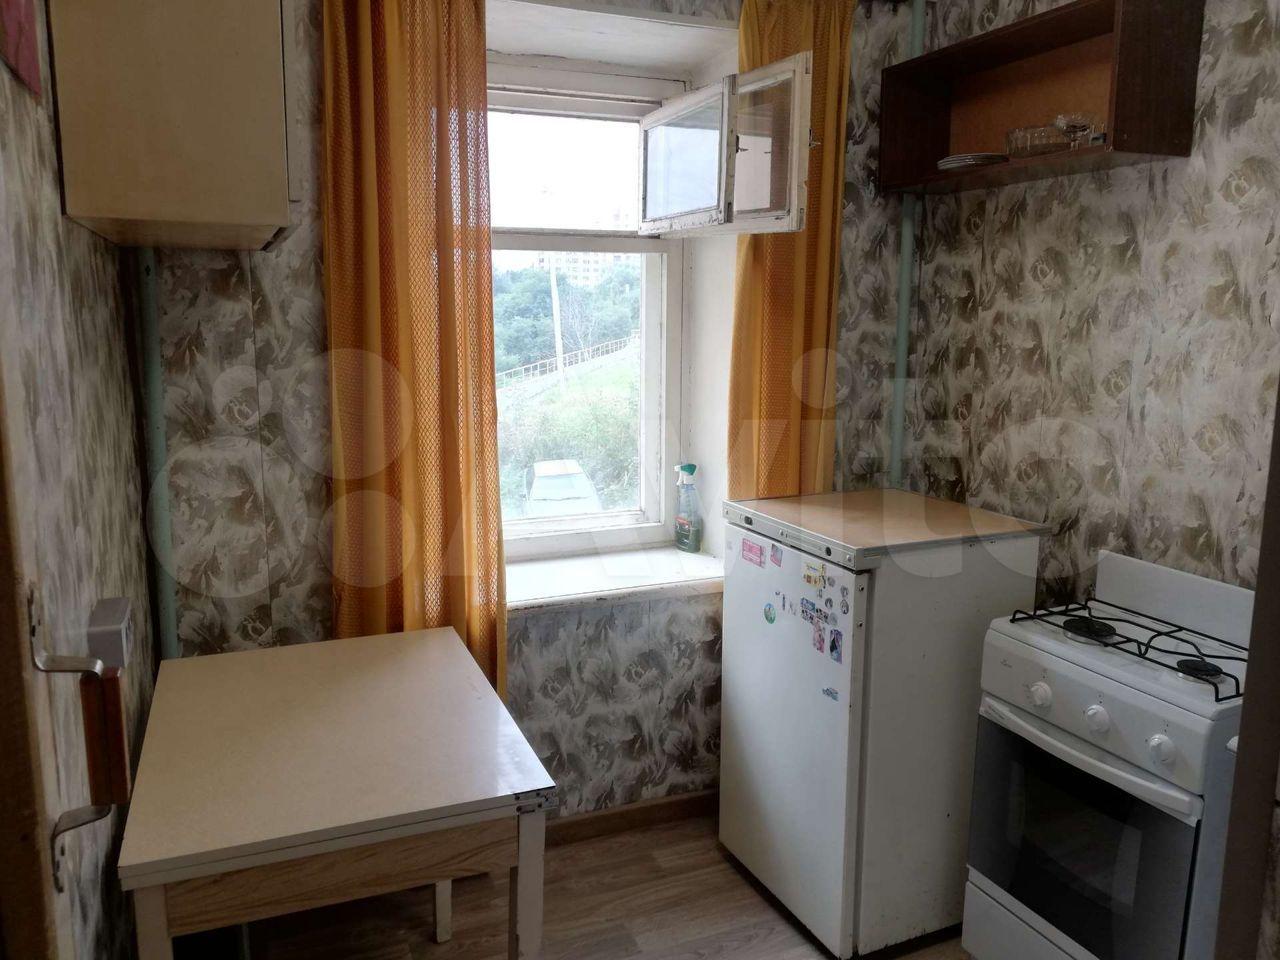 1-к квартира, 22 м², 2/9 эт.  89038935098 купить 4